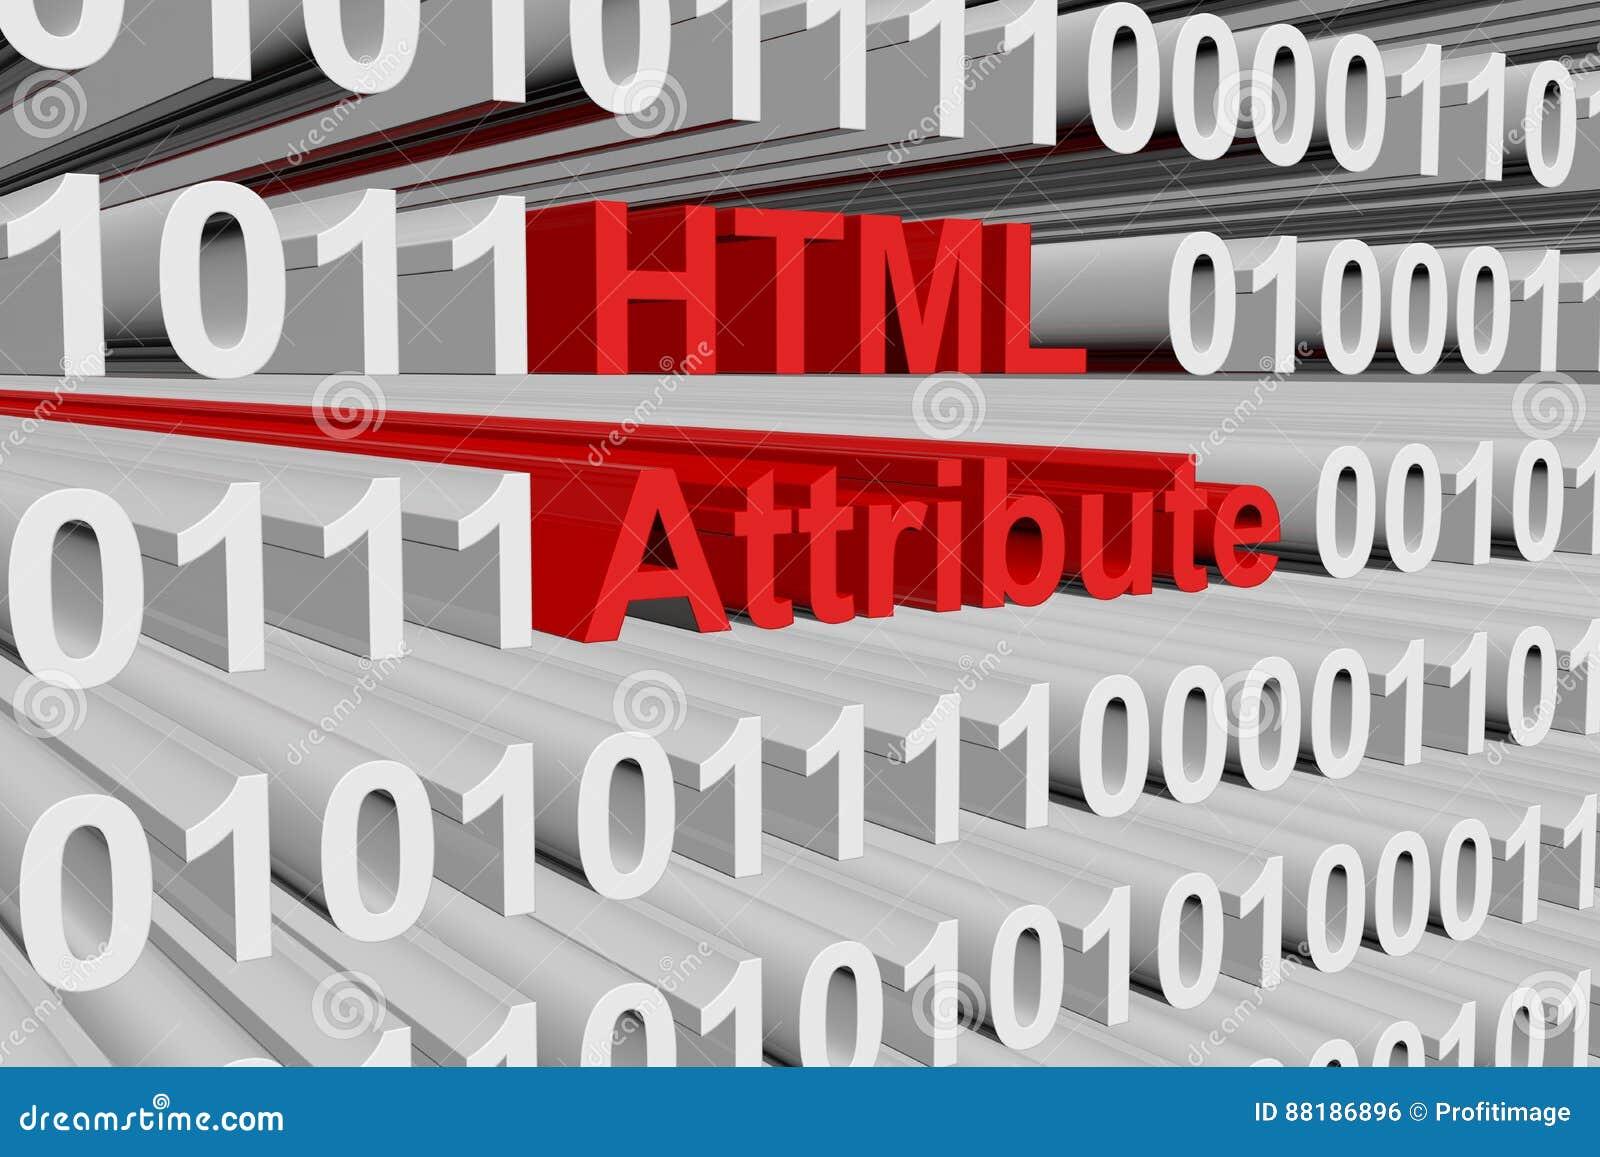 Attributo del HTML